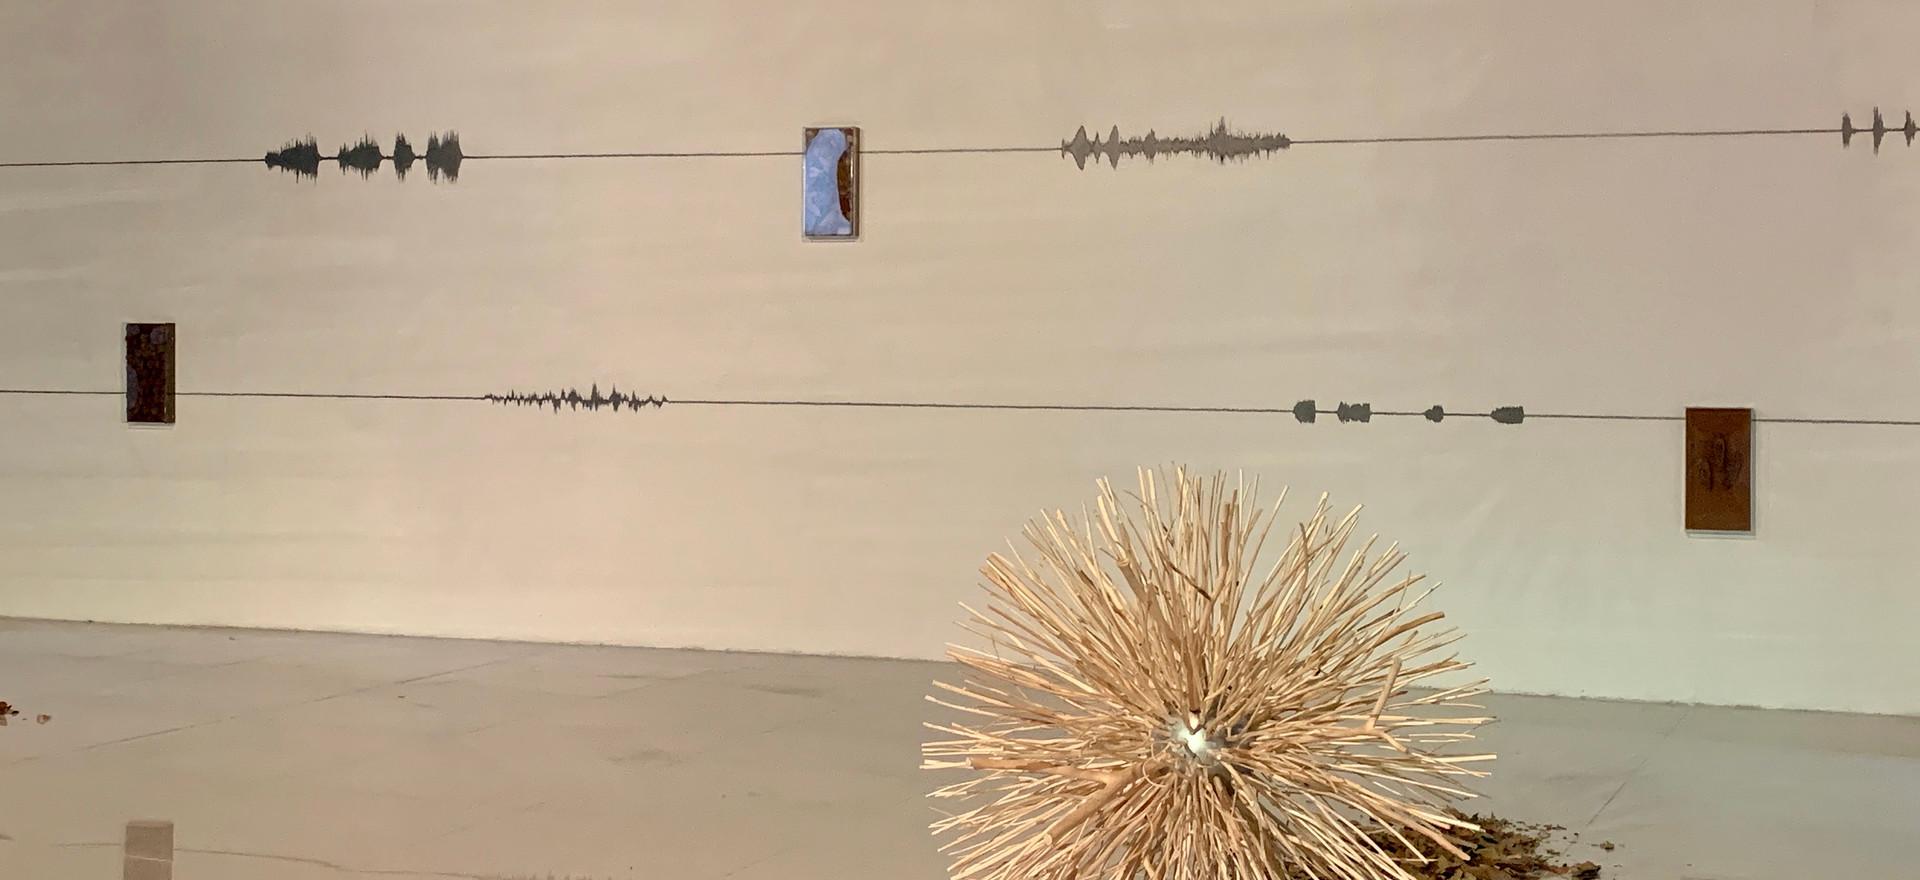 Caosmosis, 2020 (detail) Multimedia installation 8.85 x 16.40 x 26.24 feet 2.70 x 5 x 8 m At Modern Love vo. 4 art fair. Mexico City, Mexico.